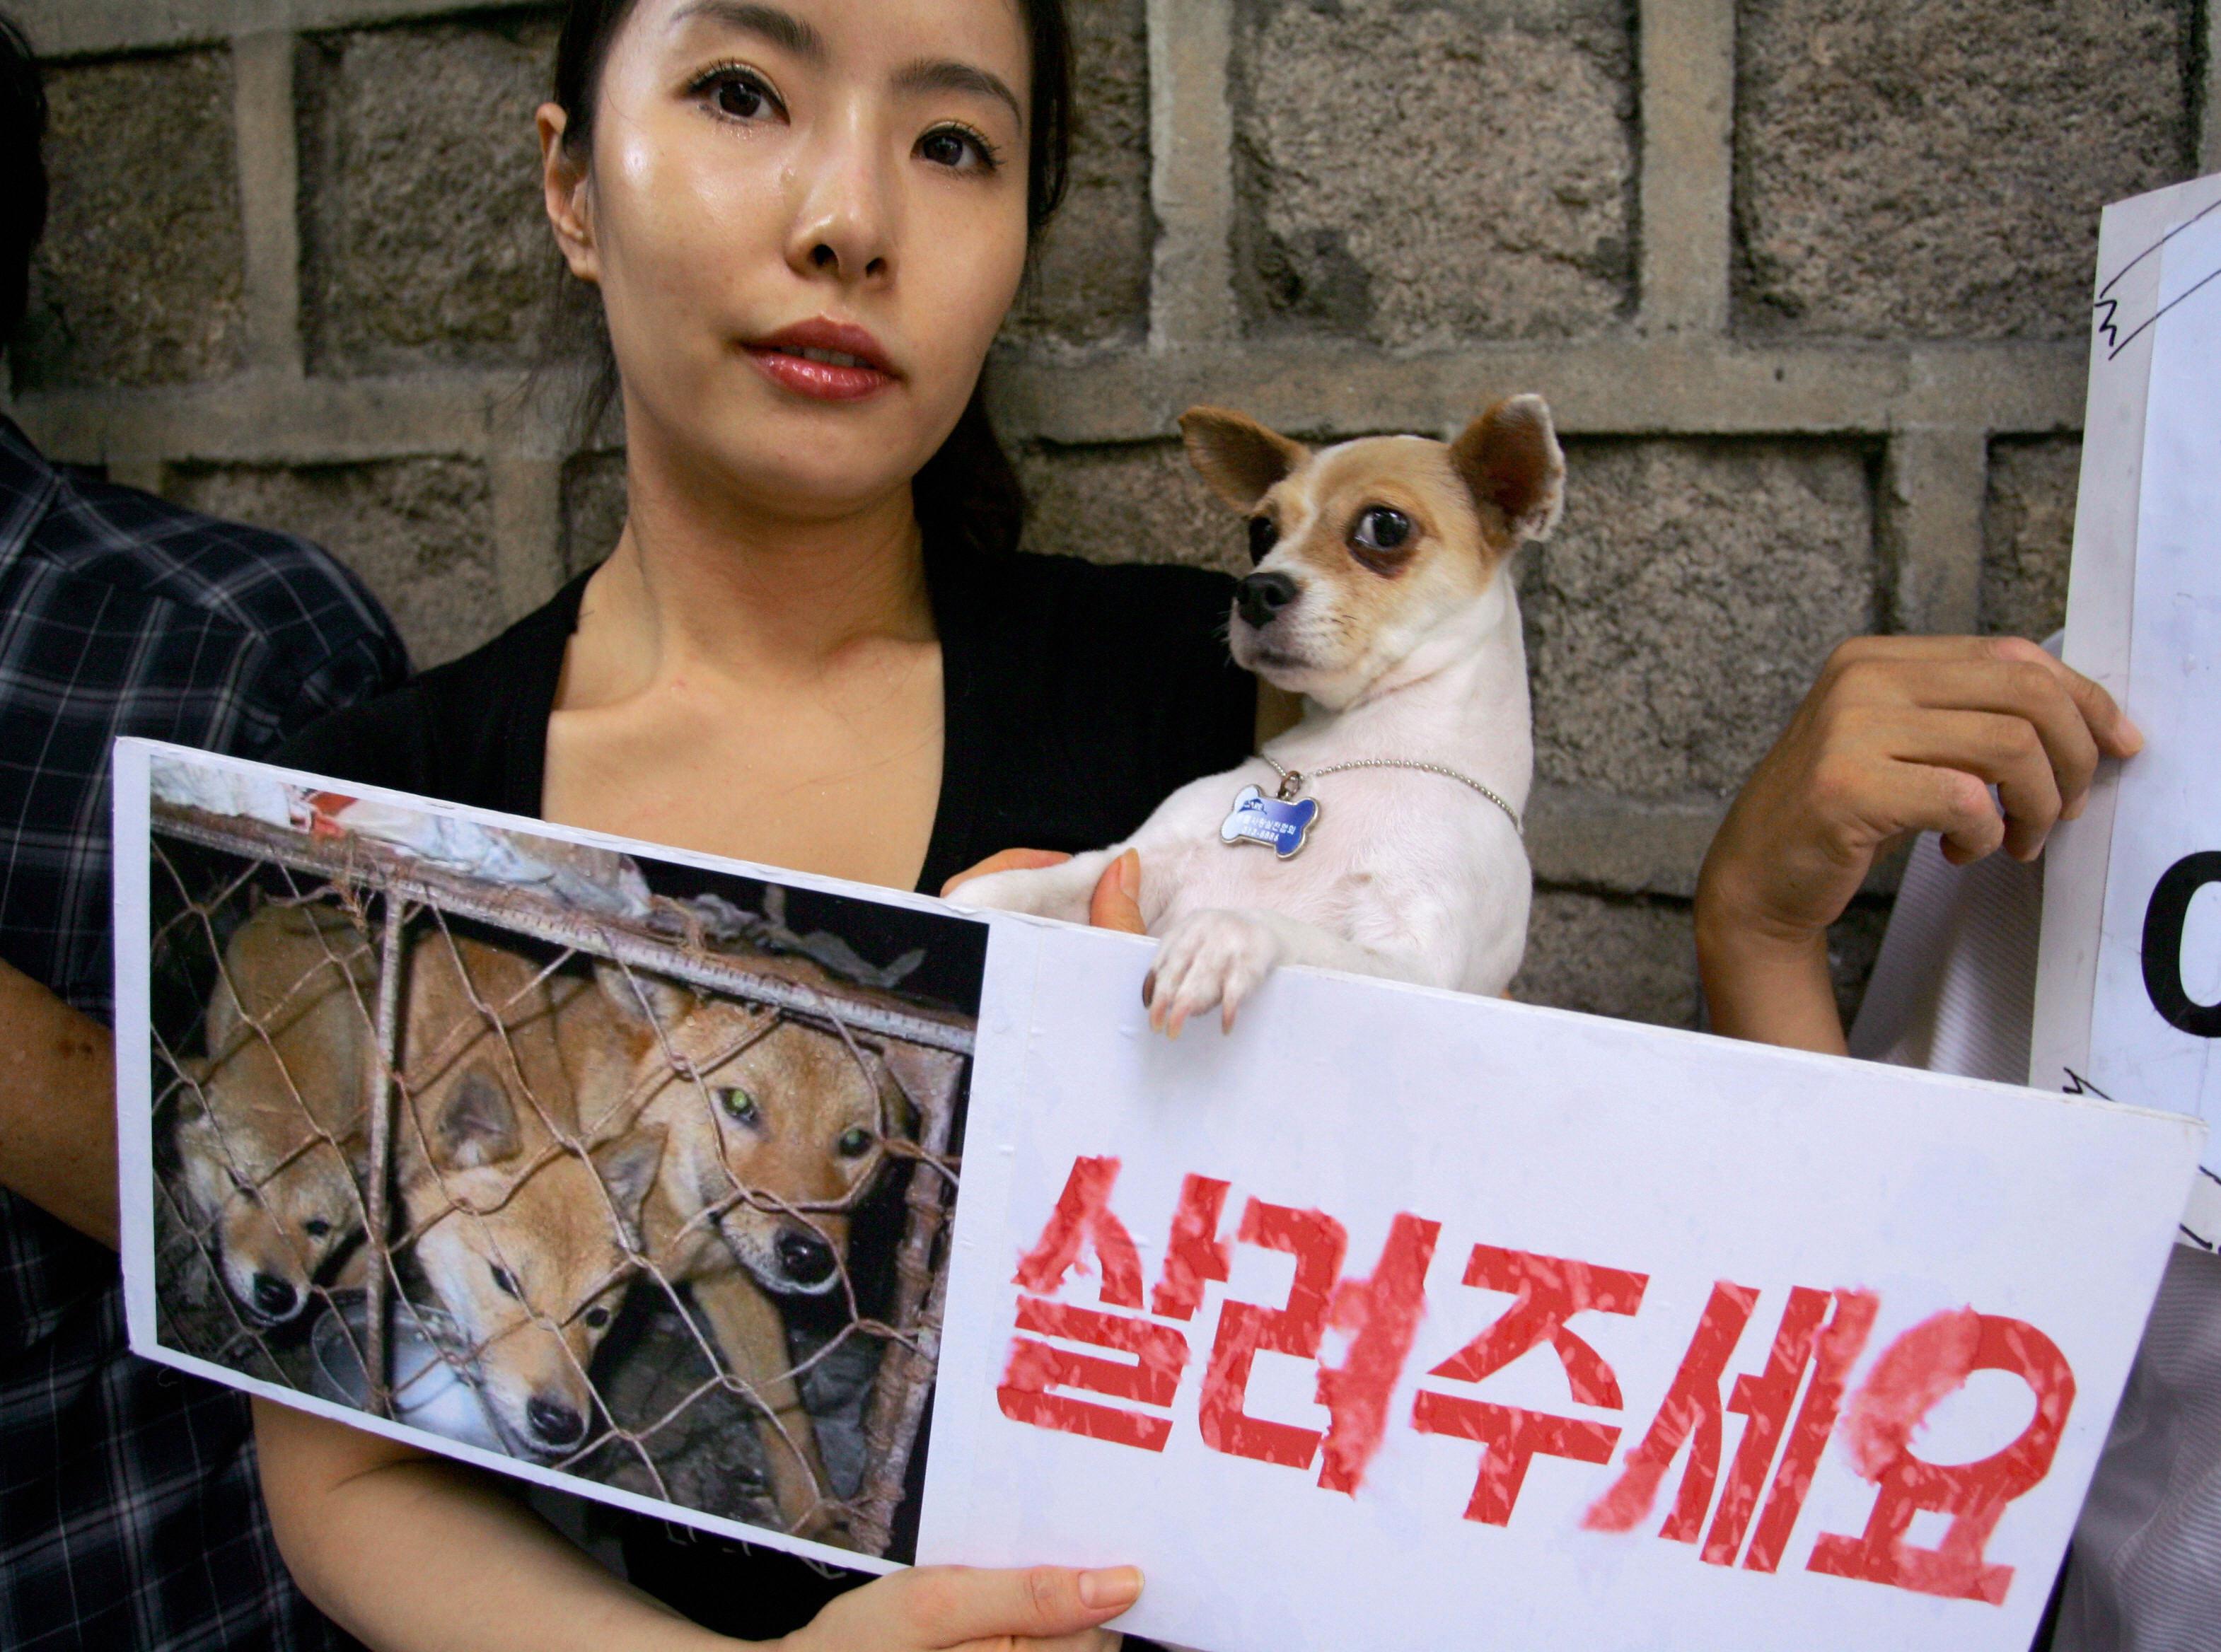 A South Korean animal protestor shows a